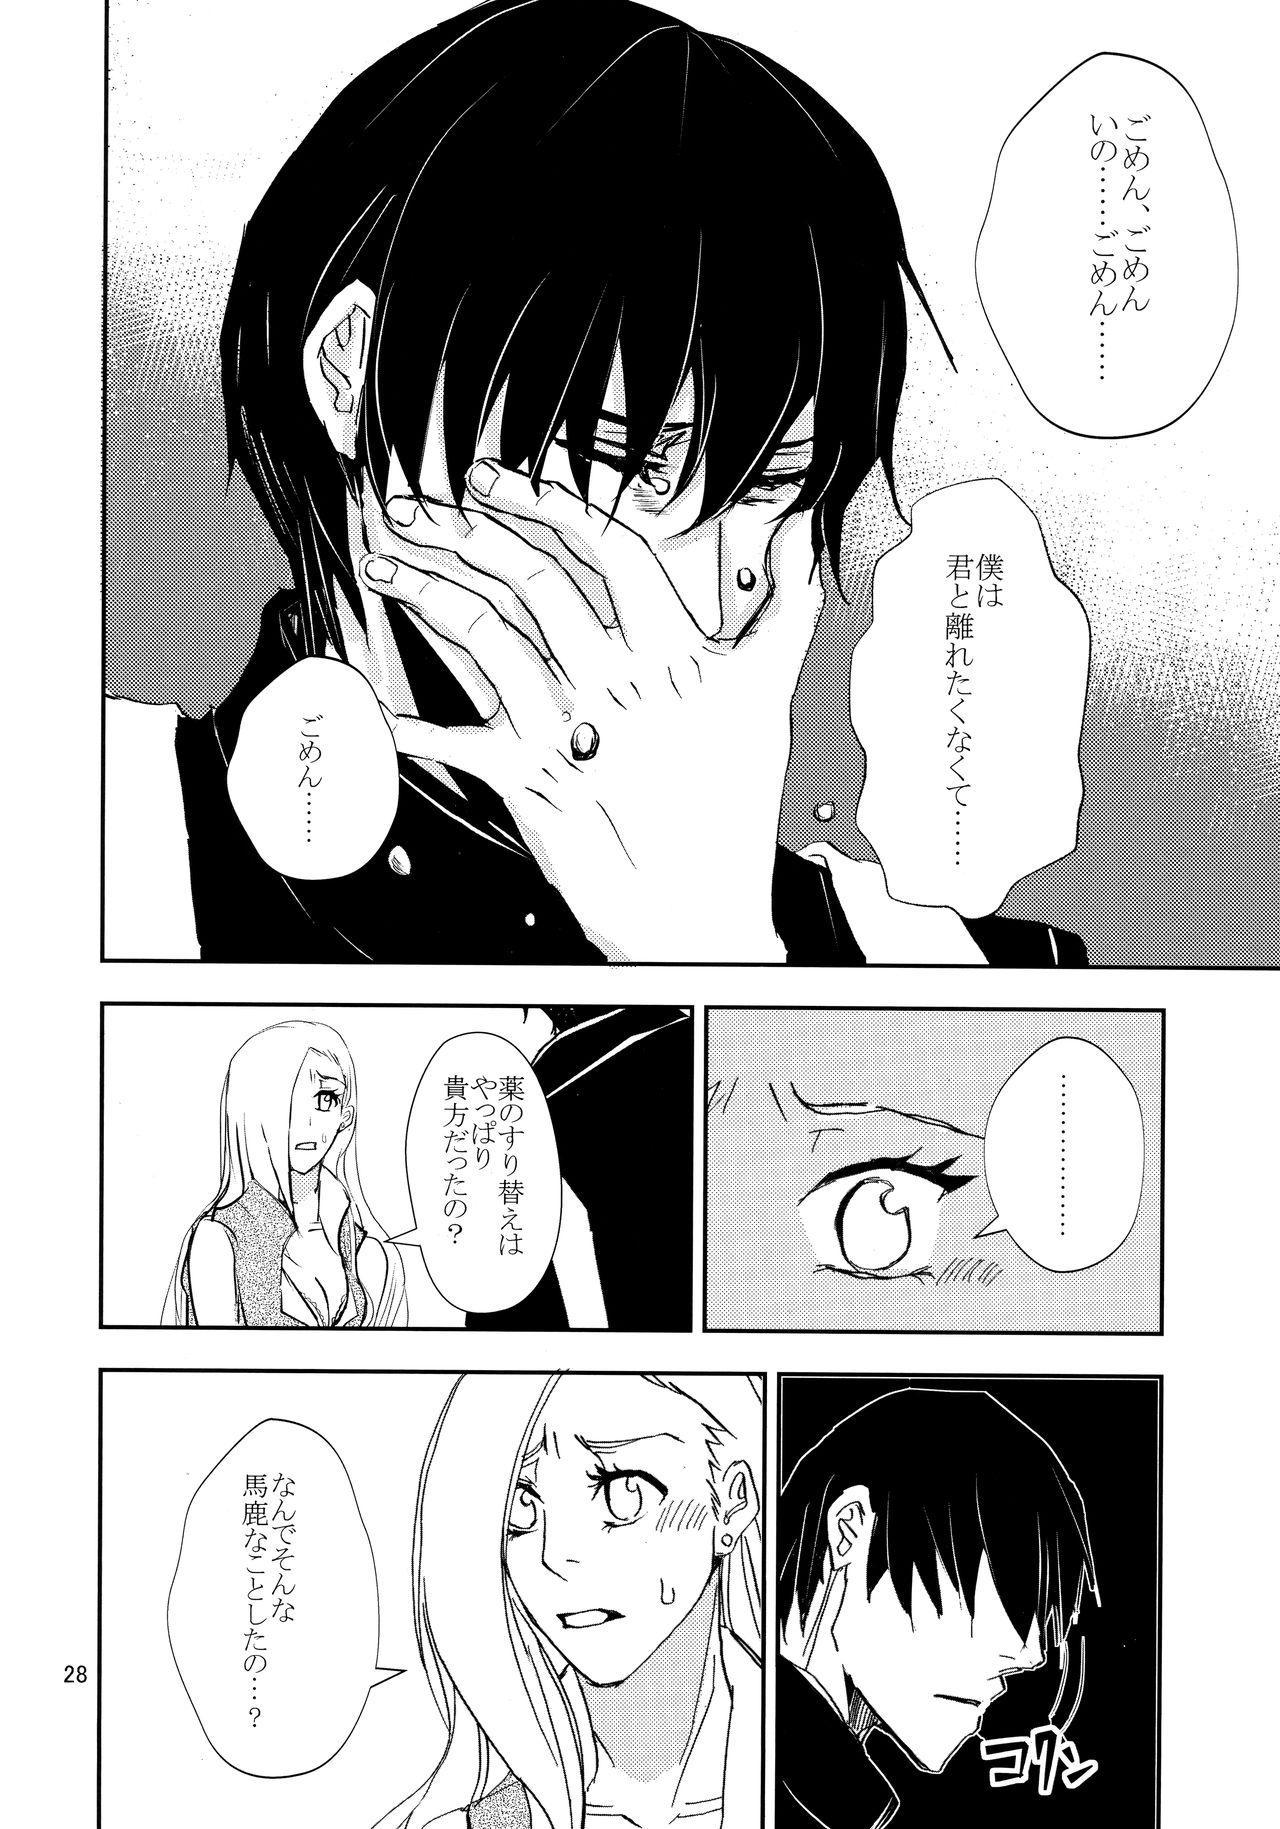 Kawaii Hito 26